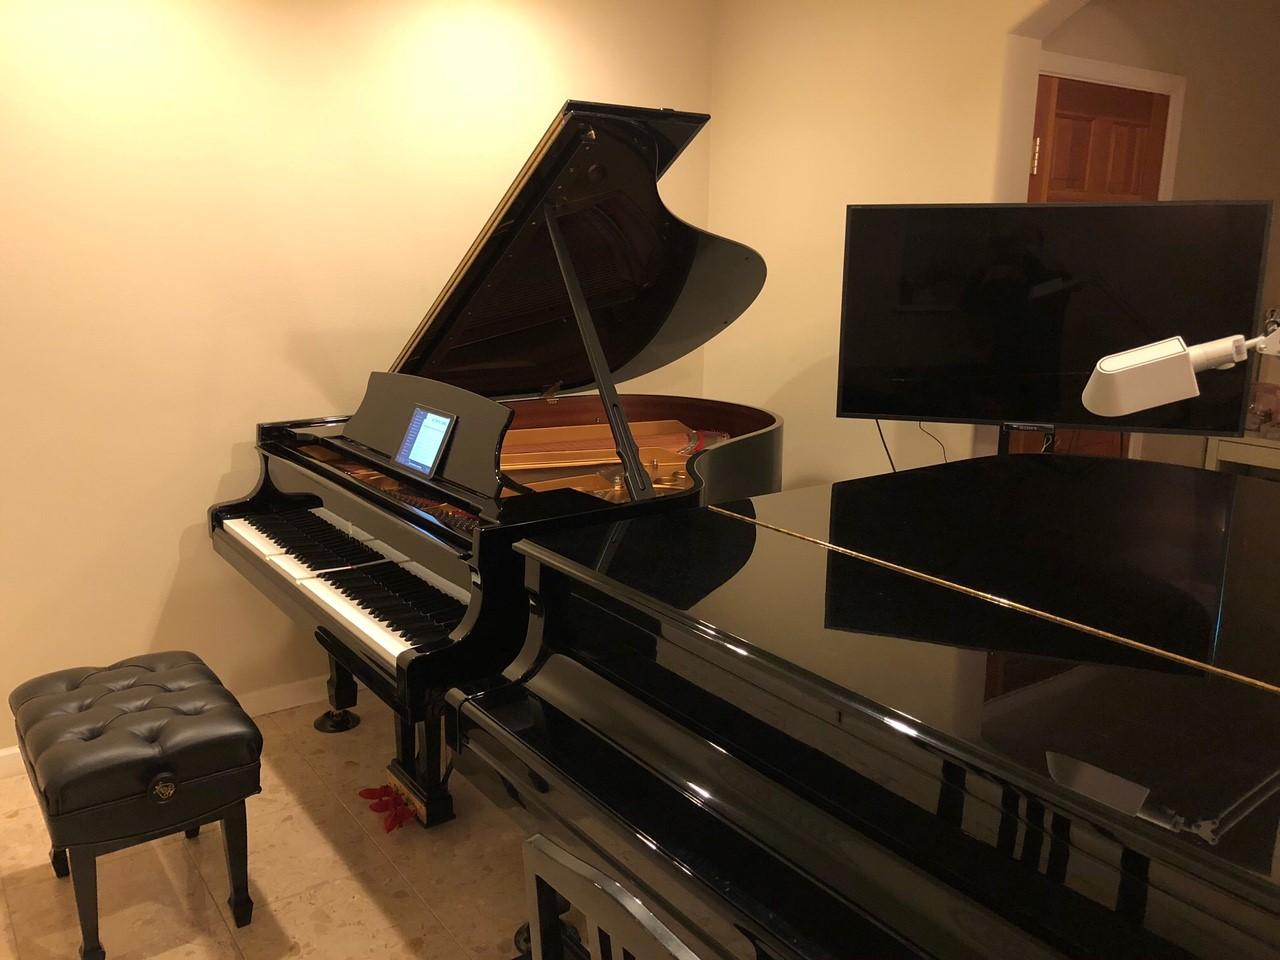 兵庫県在住のY様(ご愛用ピアノ Steinway SPIRIO model M-170)